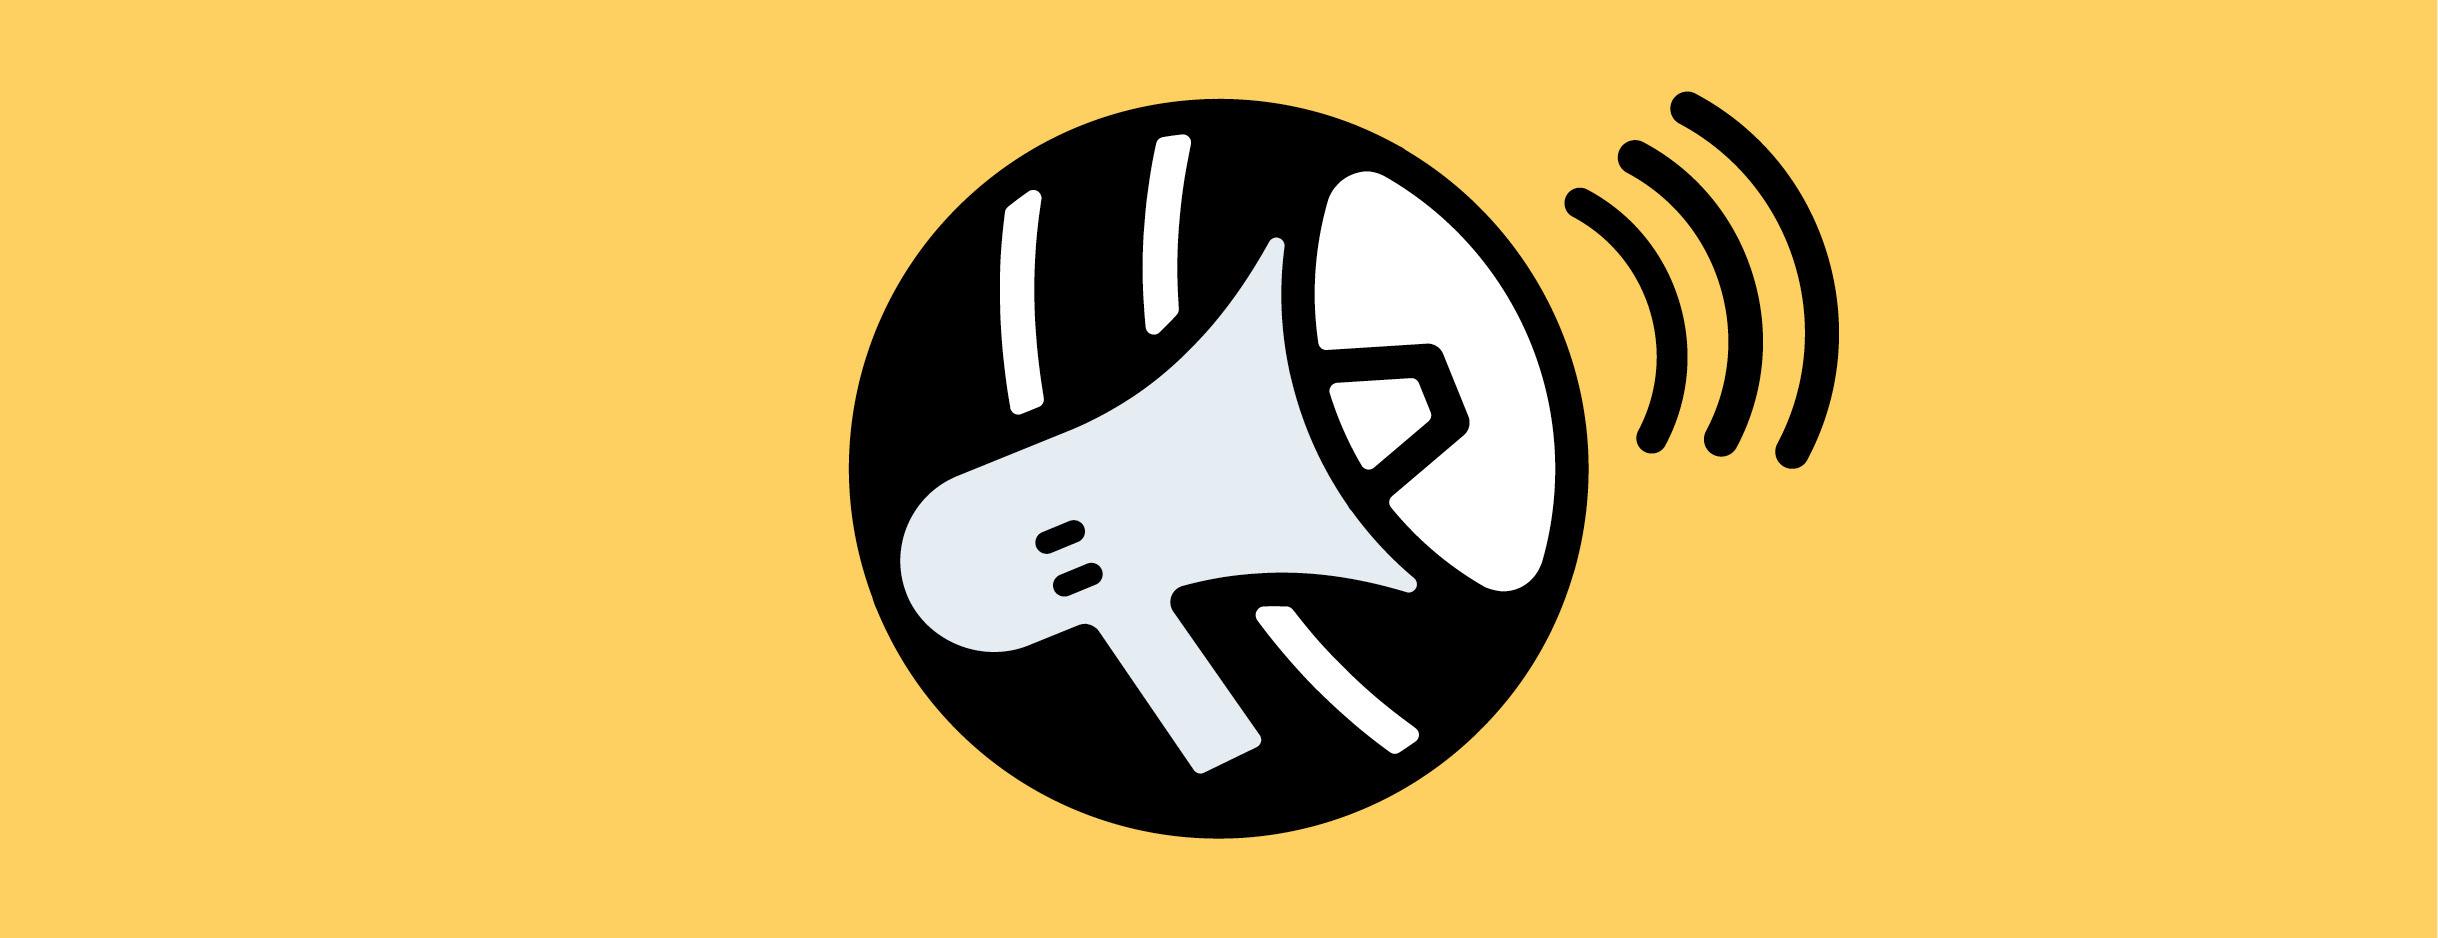 Icon Allianz Unser Tipp